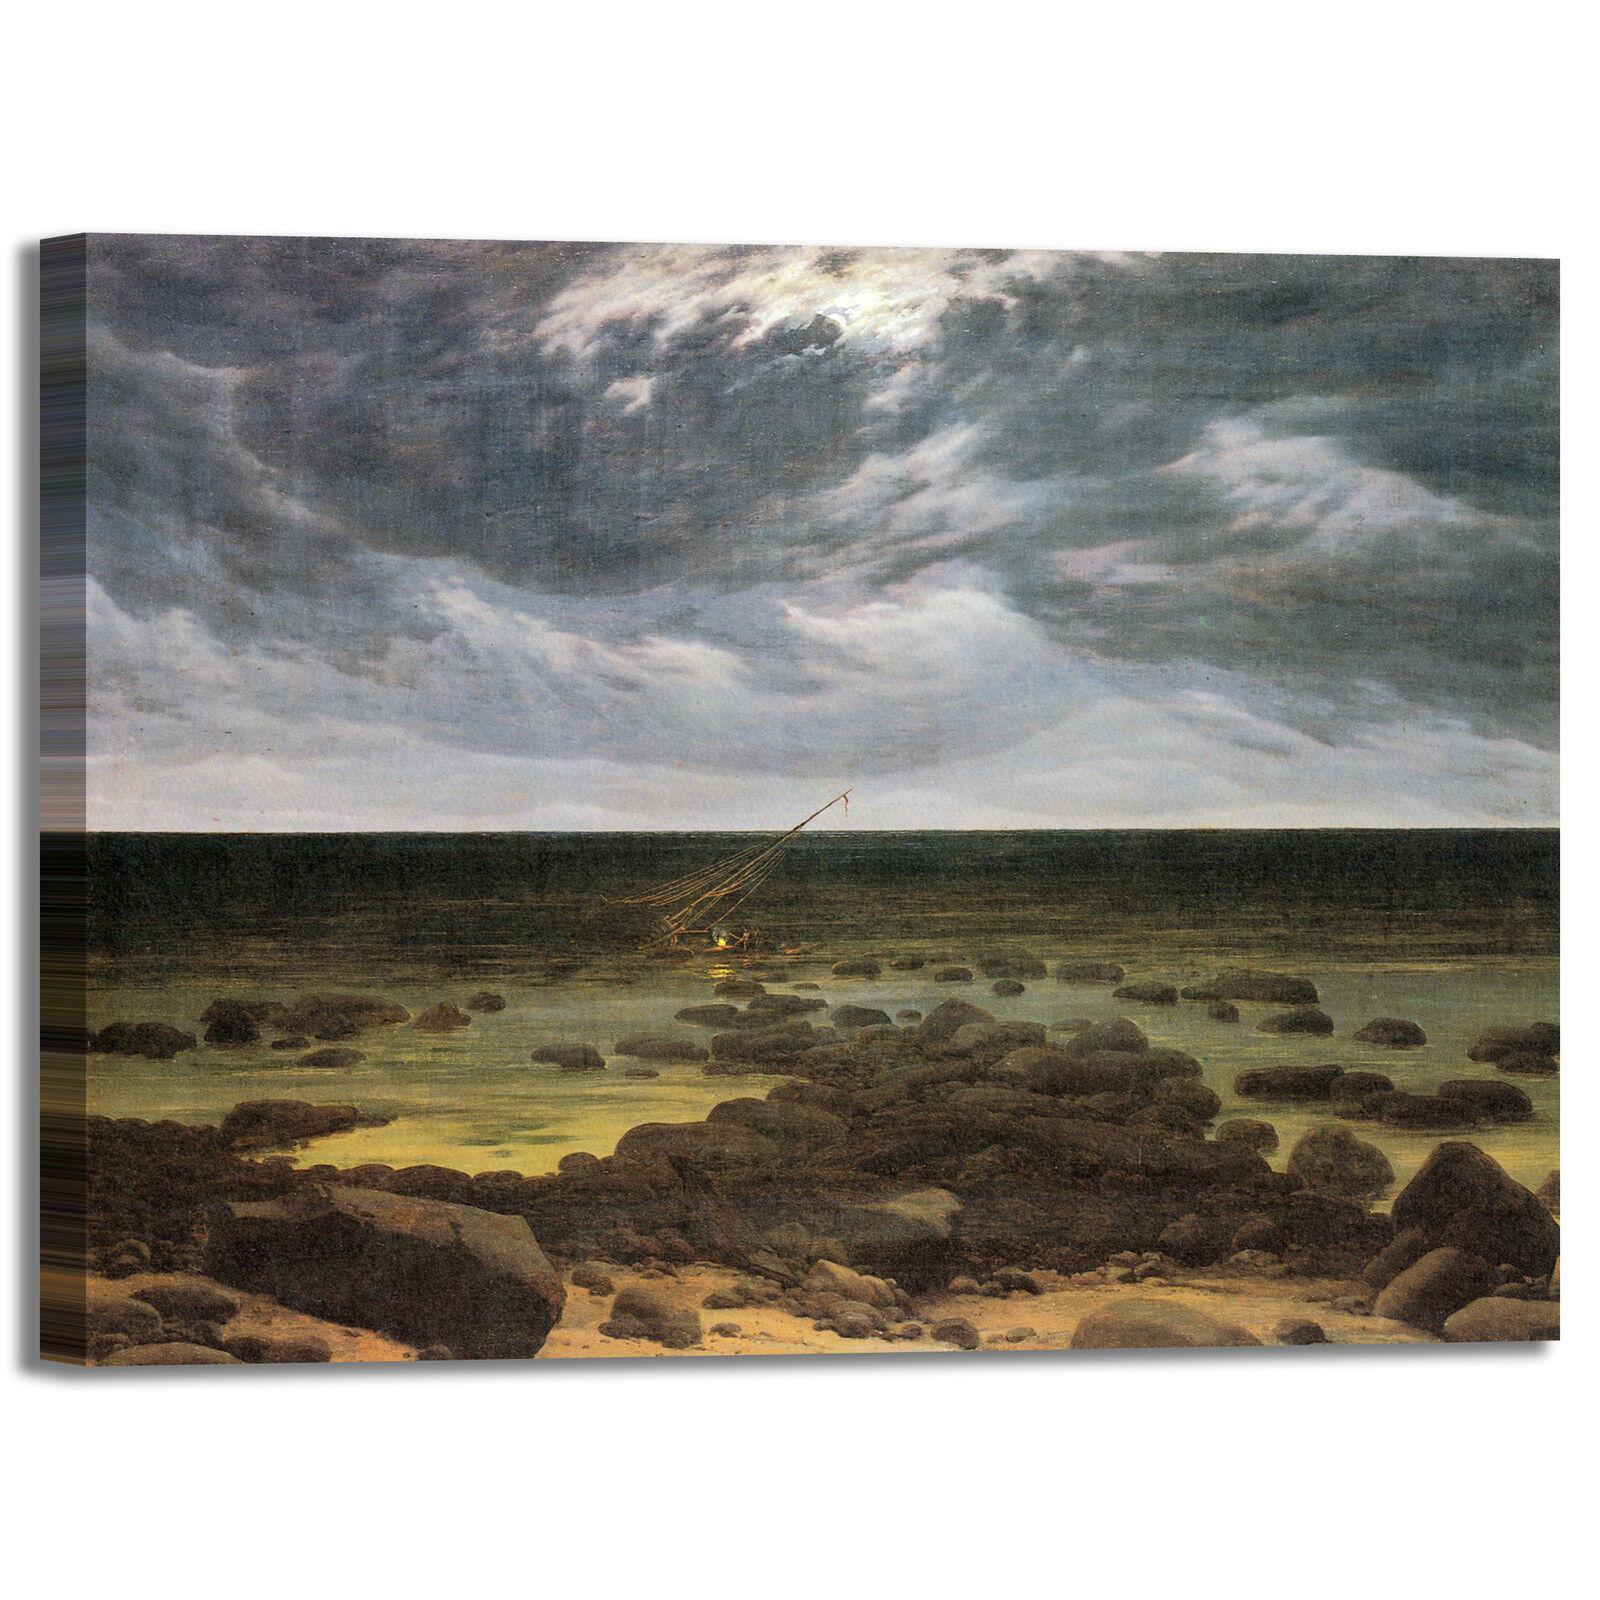 Caspar naufragio al chiaro di stampa luna quadro stampa di tela dipinto telaio arRouge o casa 5195c7